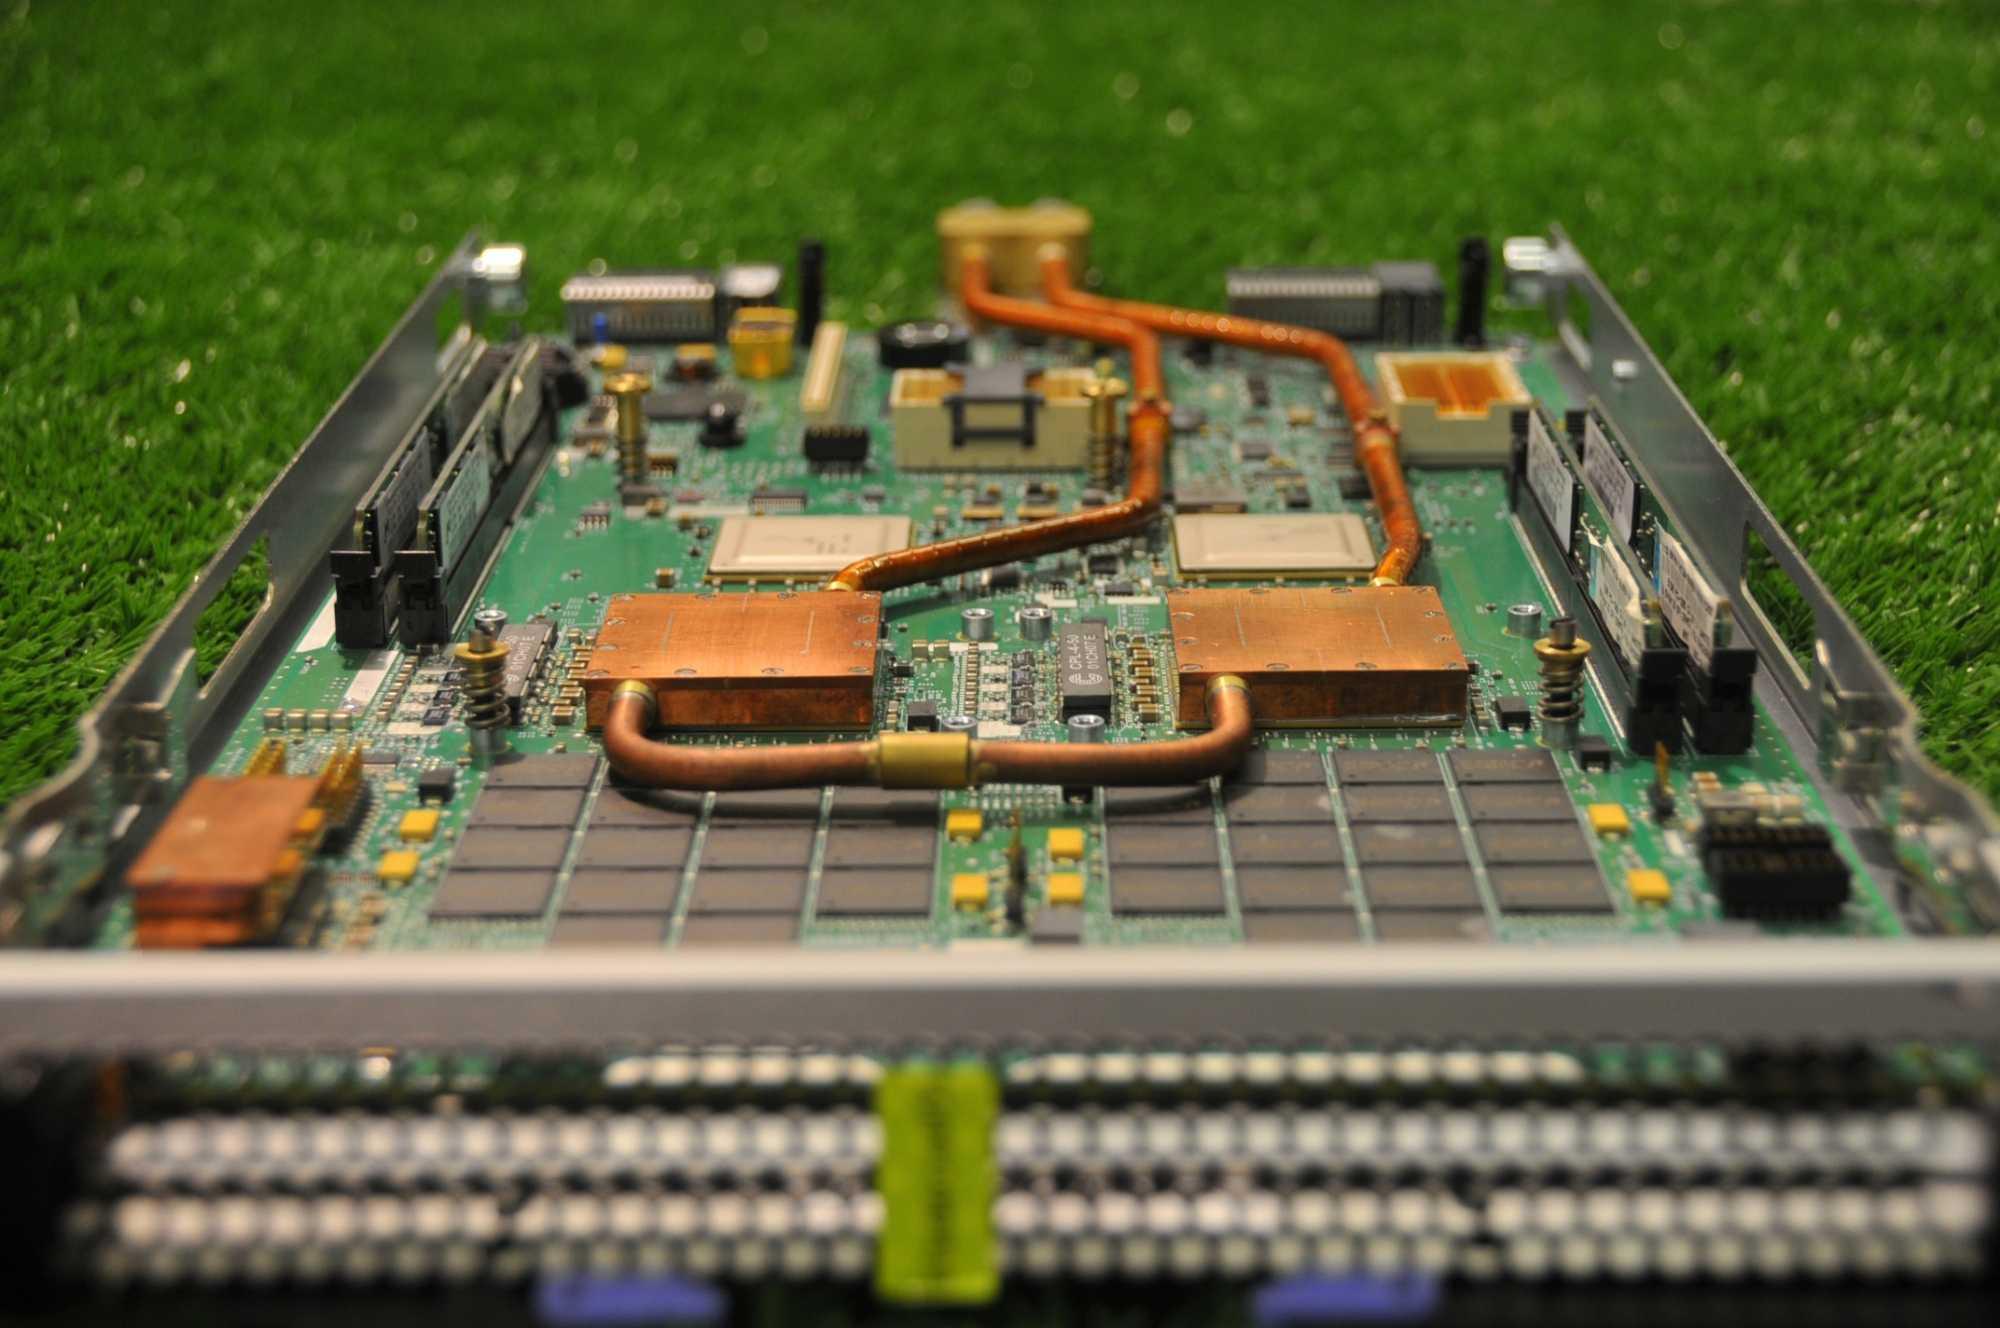 Noch sind die Heißwasser-Kühlkörper per Hand auf die CPUs der Supercomputer-Blades verschraubt